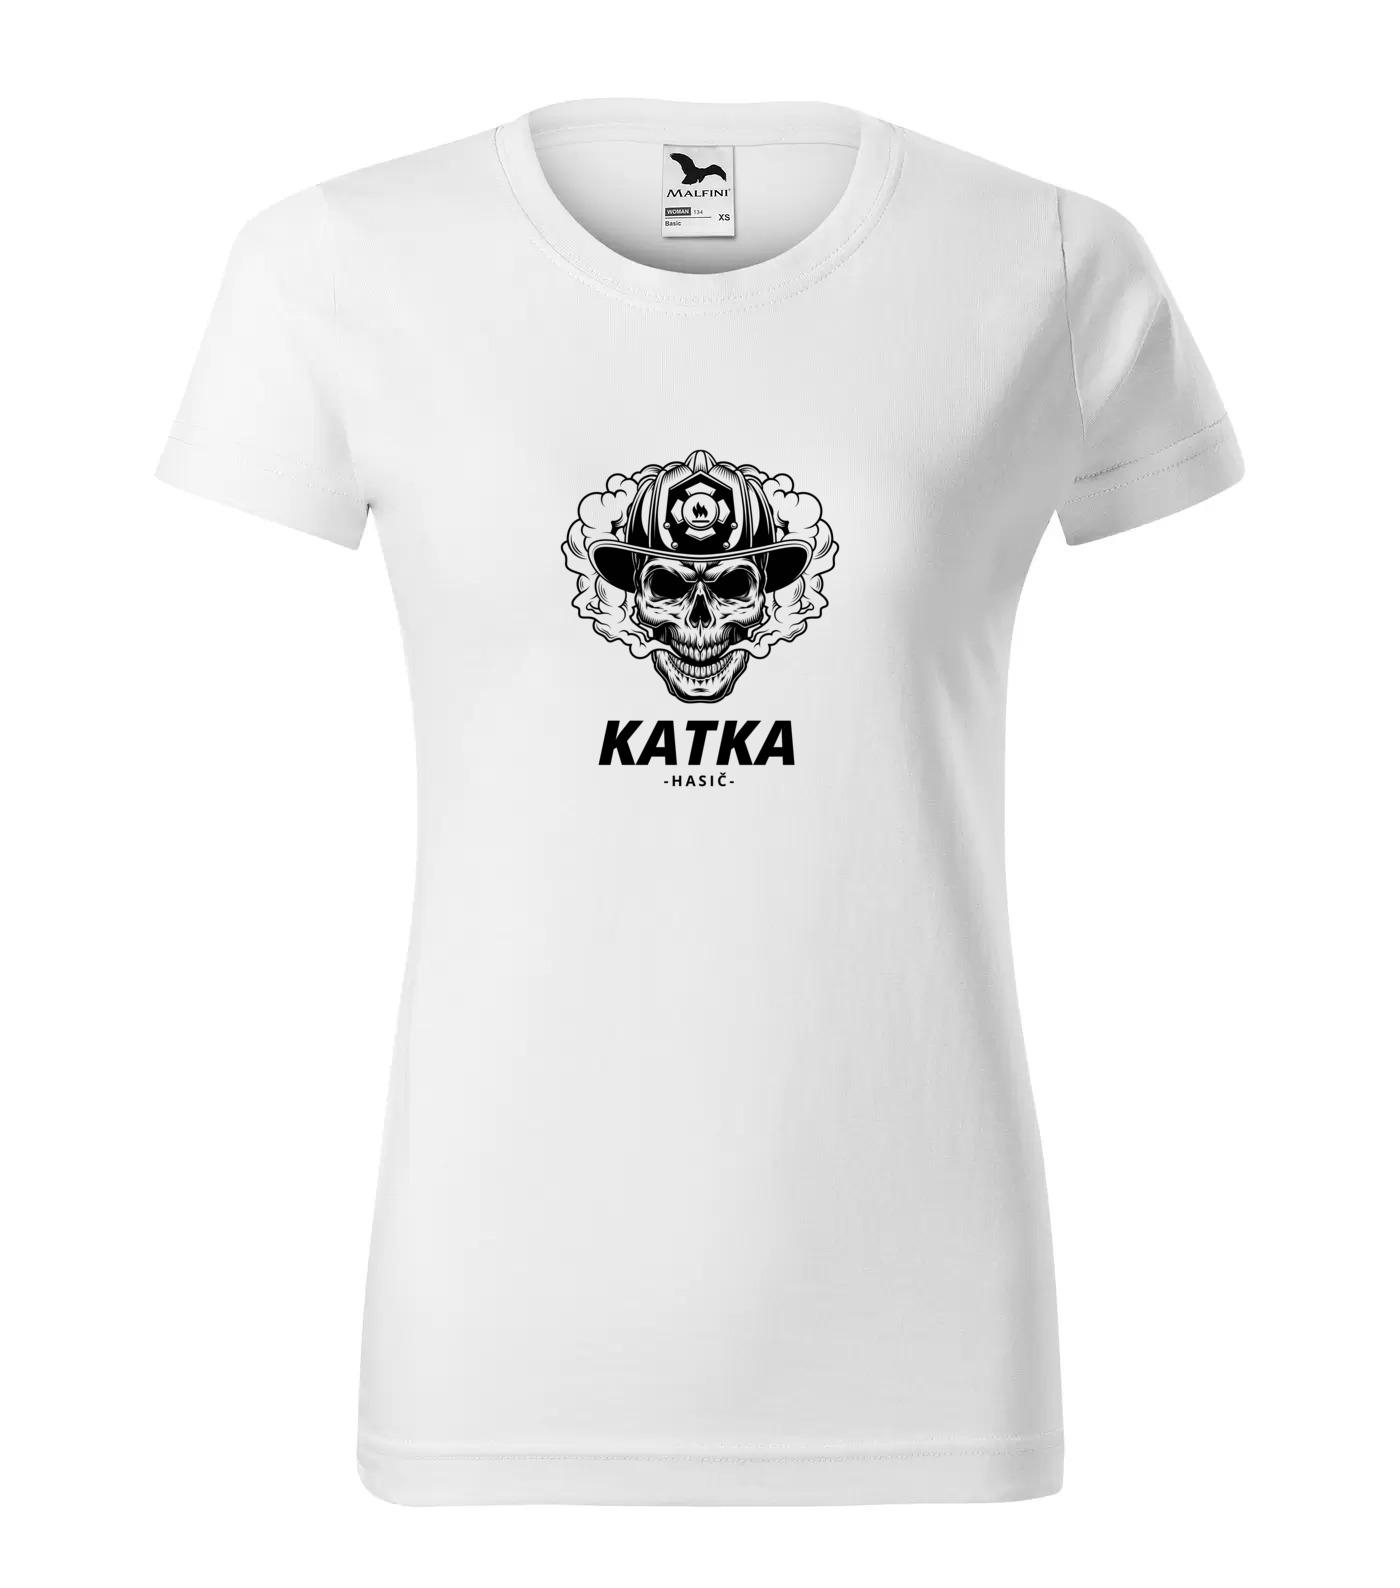 Tričko Hasič Katka